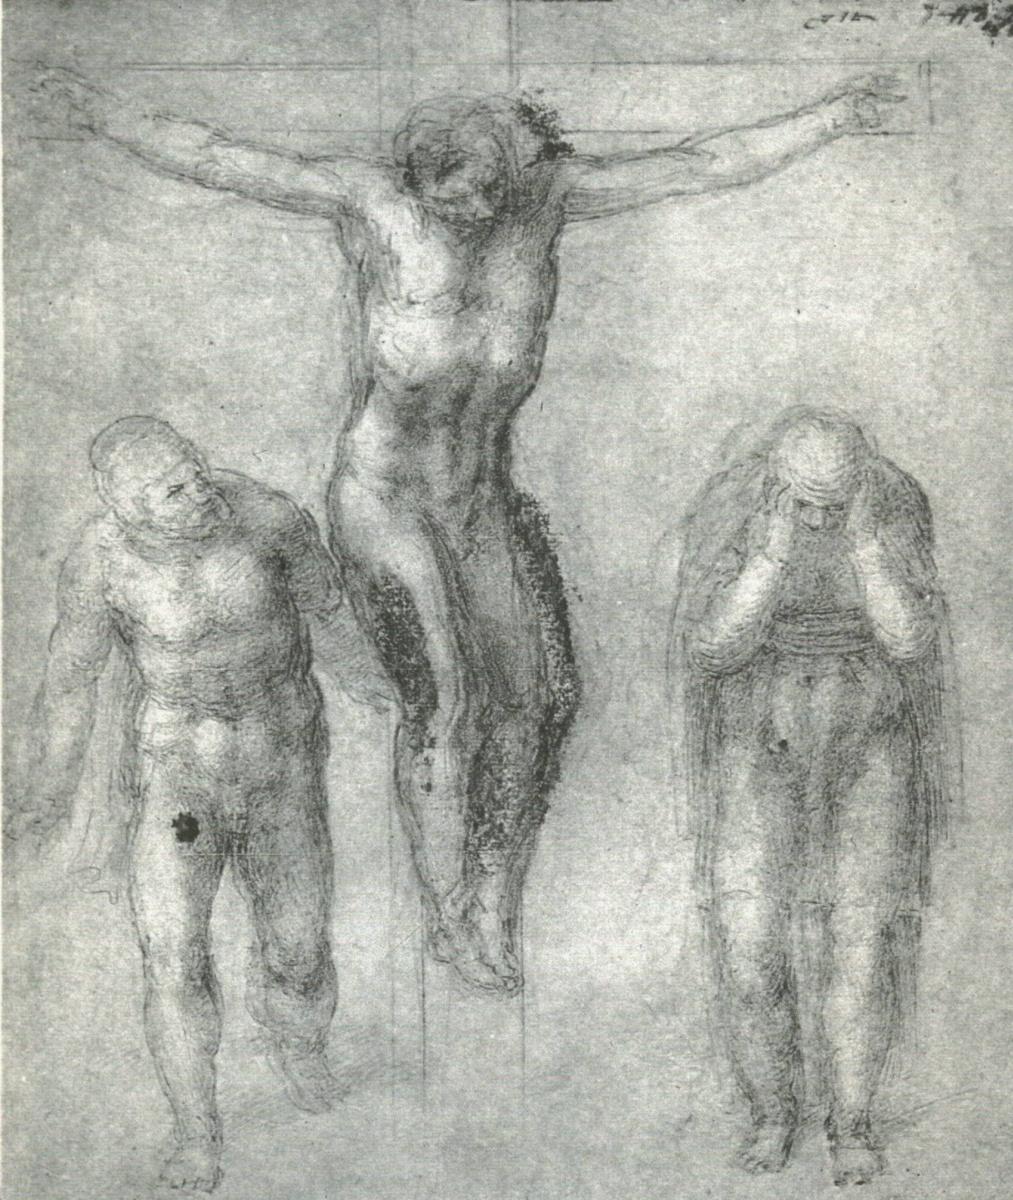 Микеланджело Буонарроти. Этюд для Христа на кресте со скорбящими